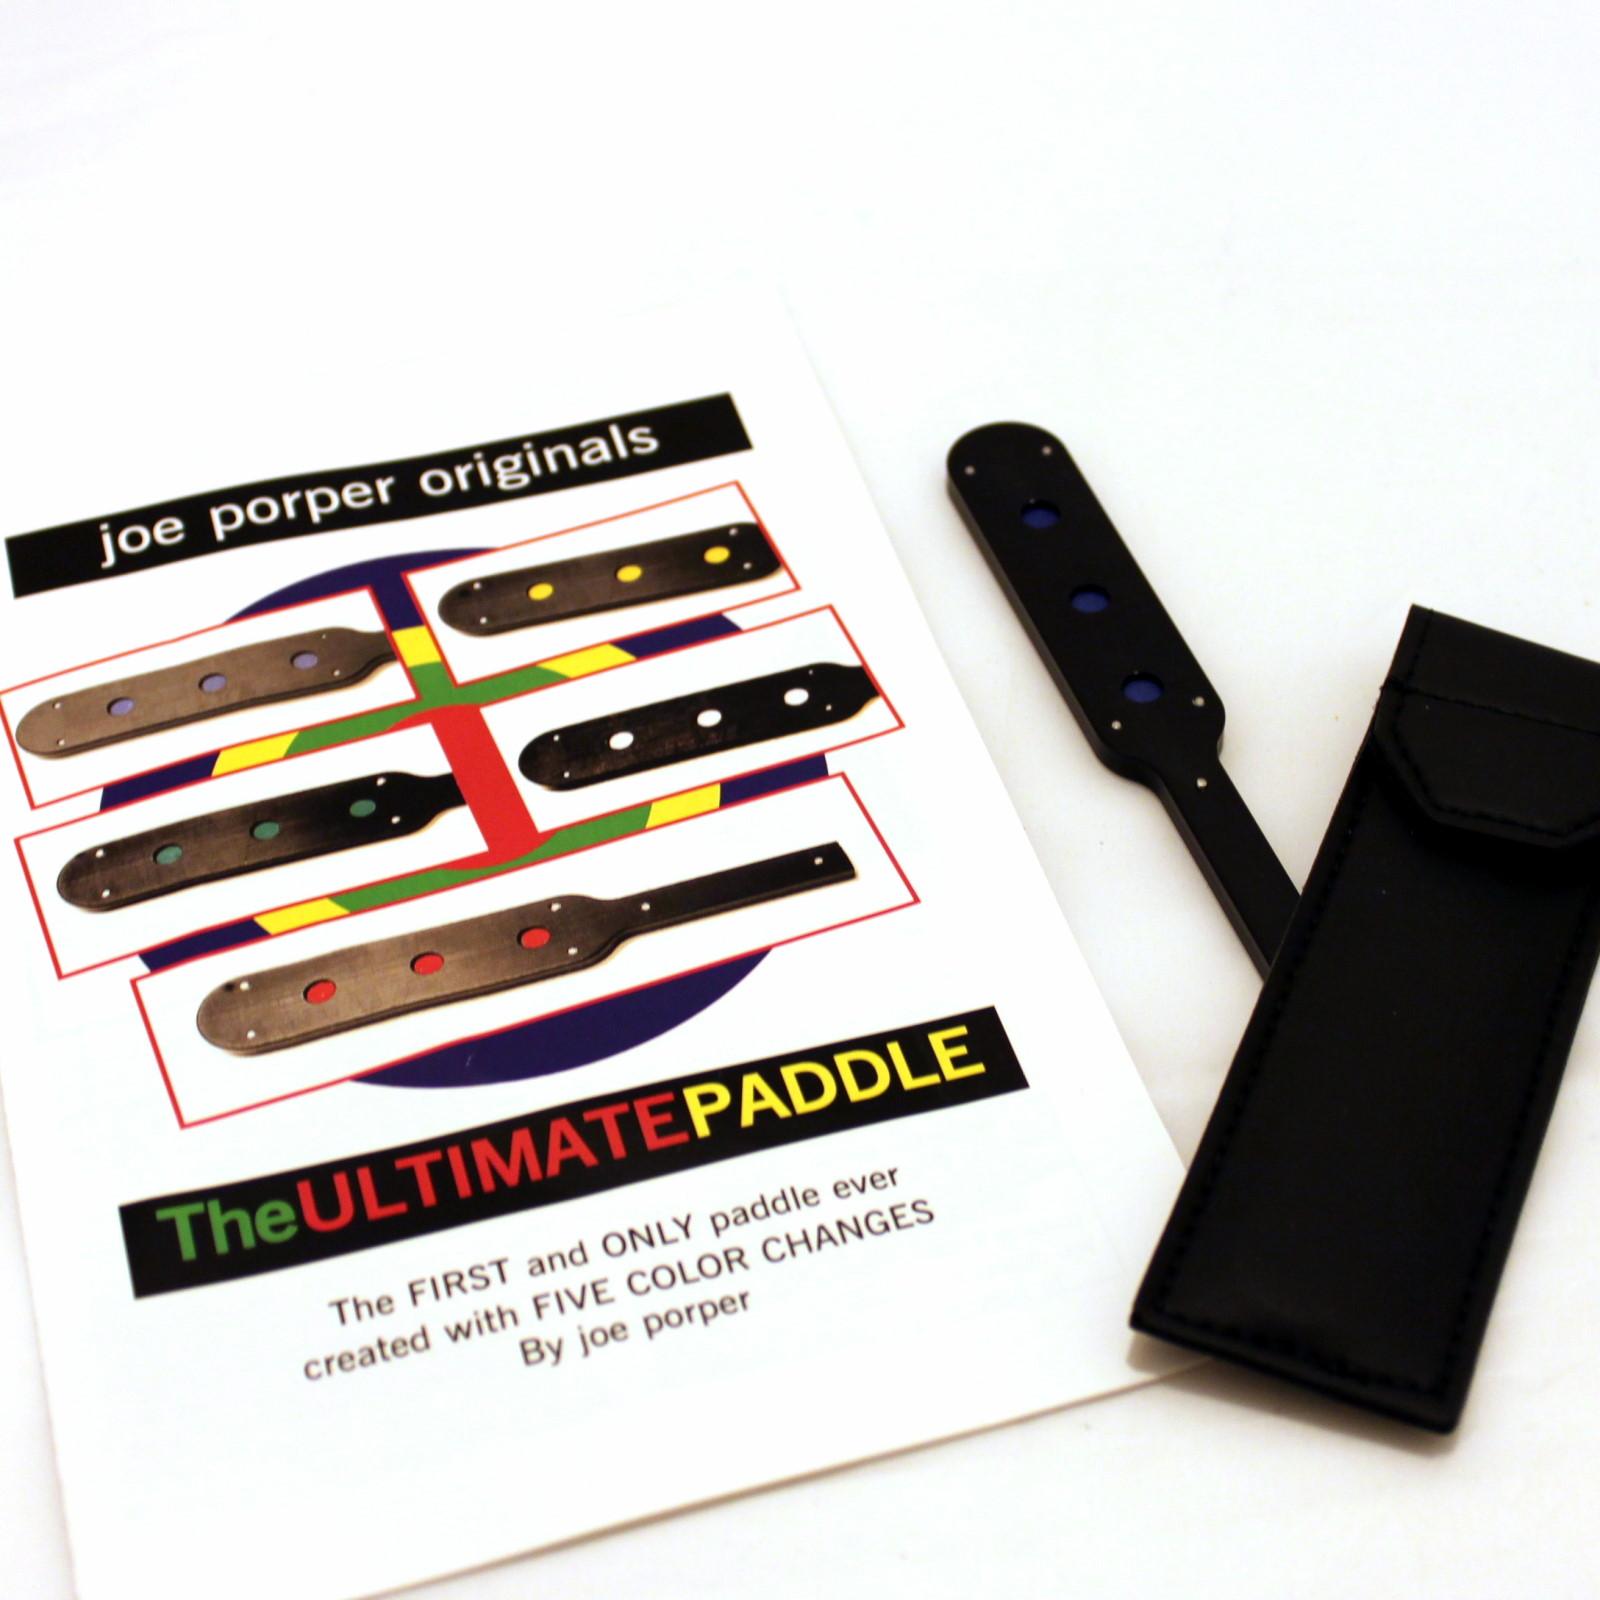 Ultimate Paddle by Joe Porper